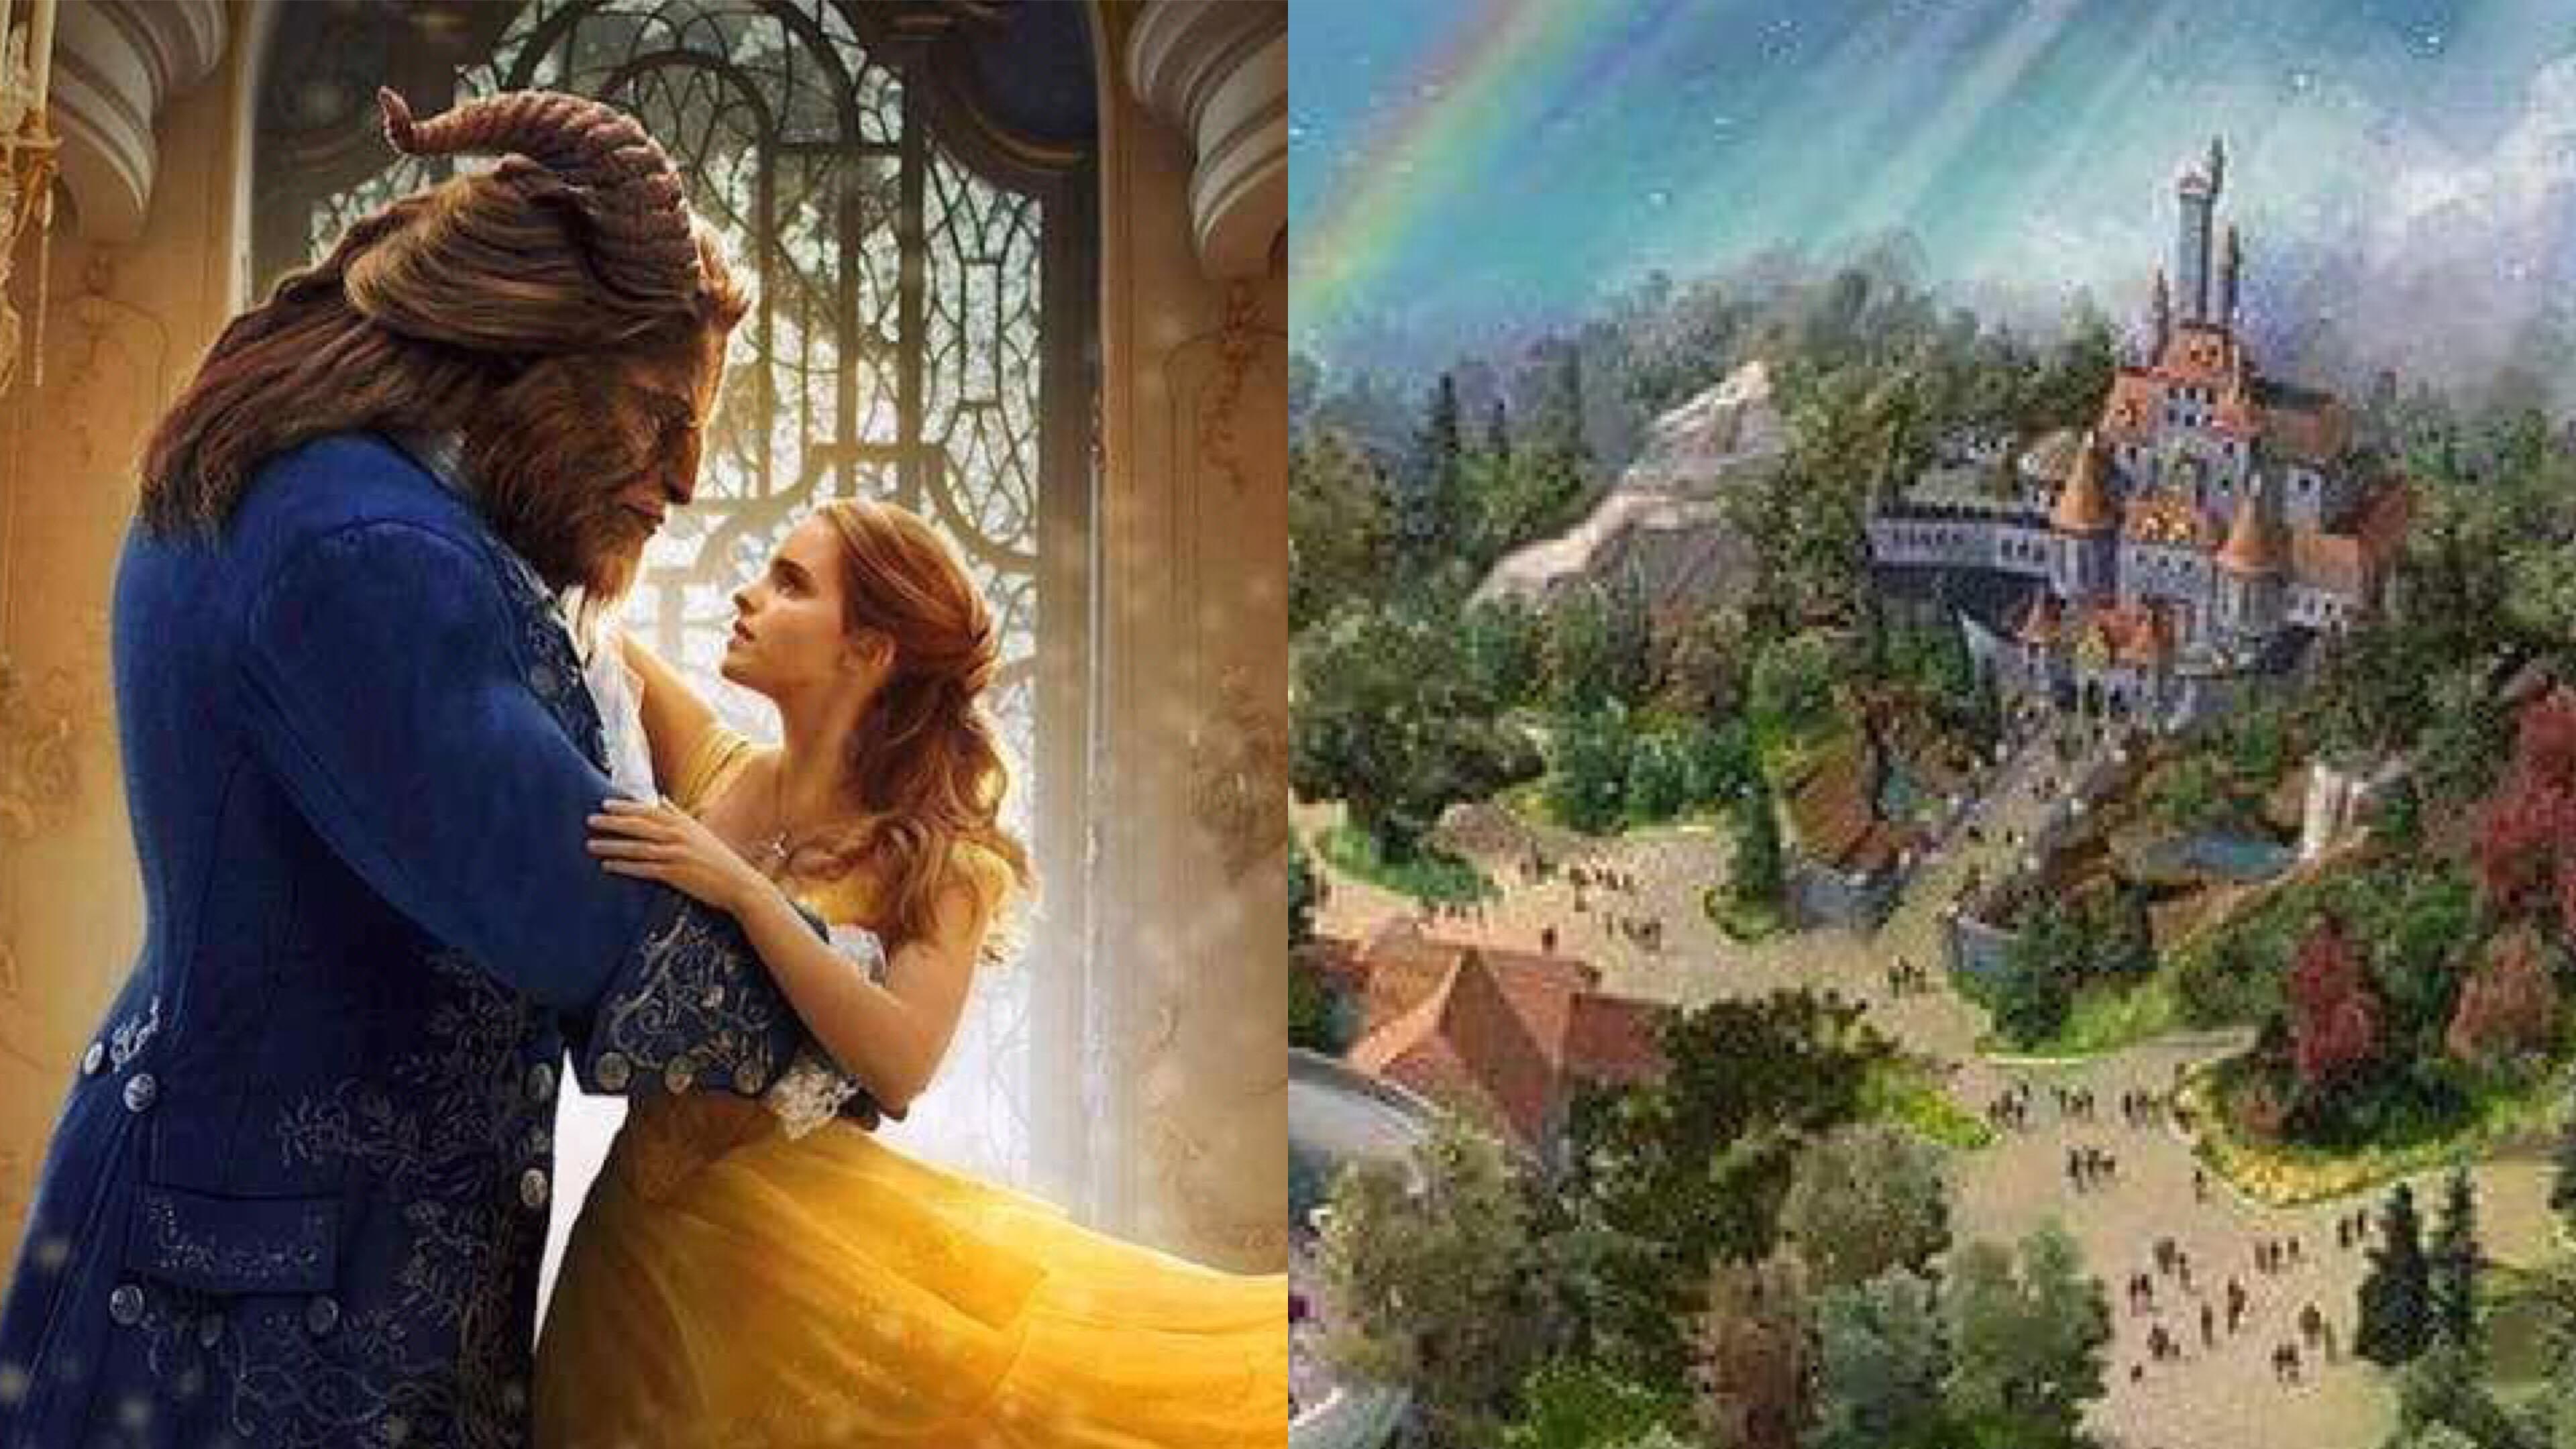 《美女與野獸》主題樂園來了!東京迪士尼新園區曝光,史上最逼真的「貝兒」、「茶壺太太」 – 我們用電影寫日記